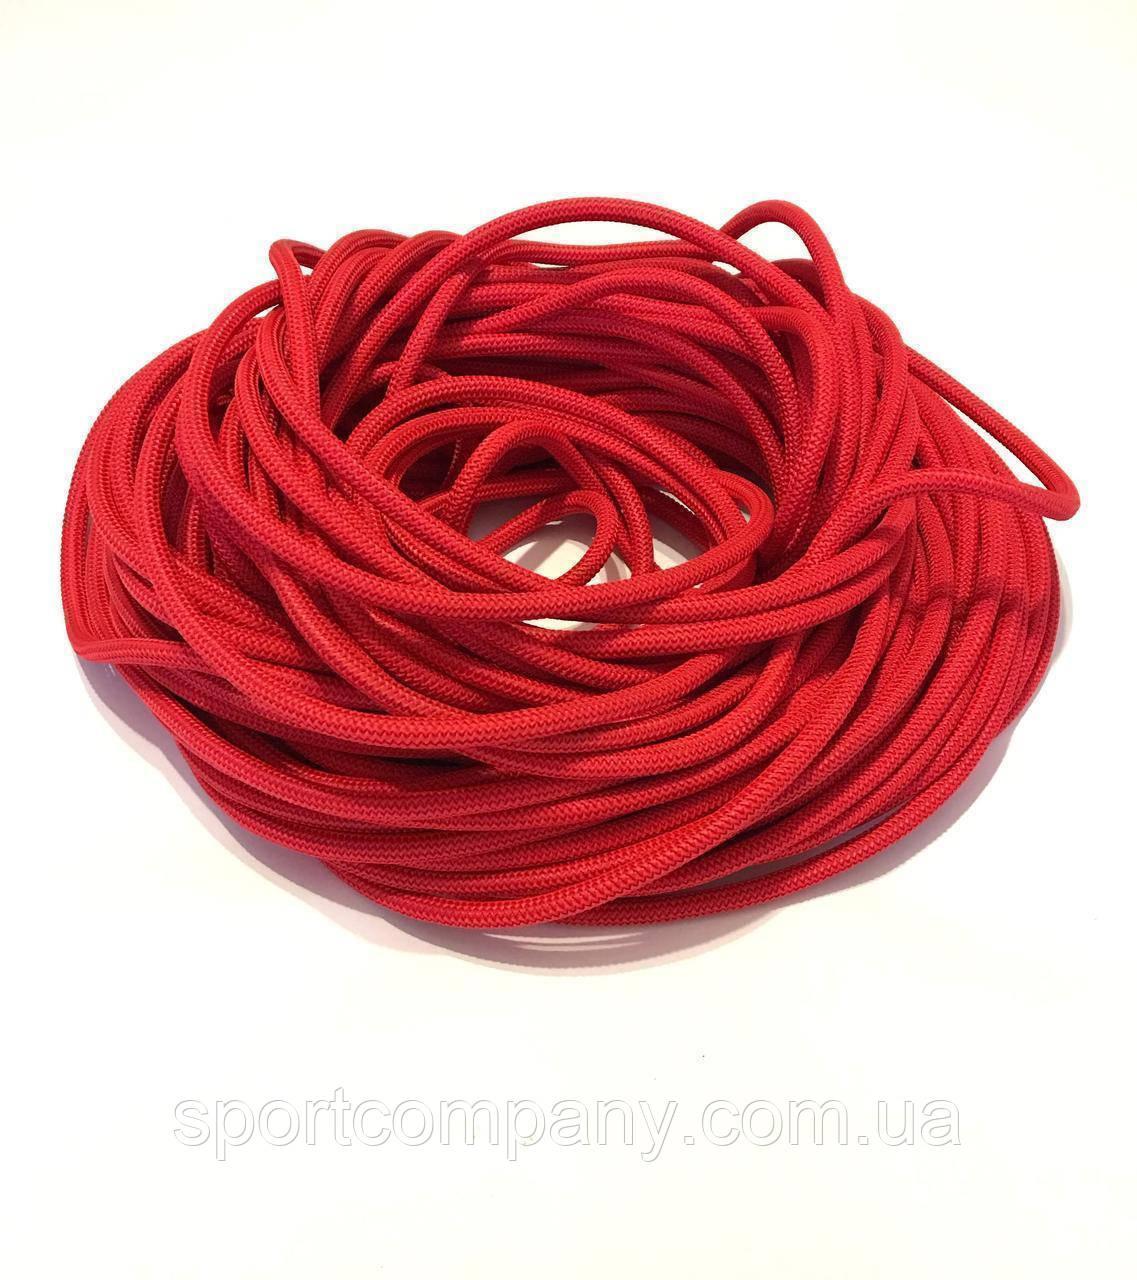 Жгут спортивный резиновый в тканевой оплетке ( резина, d-10 мм, I-800 см, красный ) rez.zhyt10red